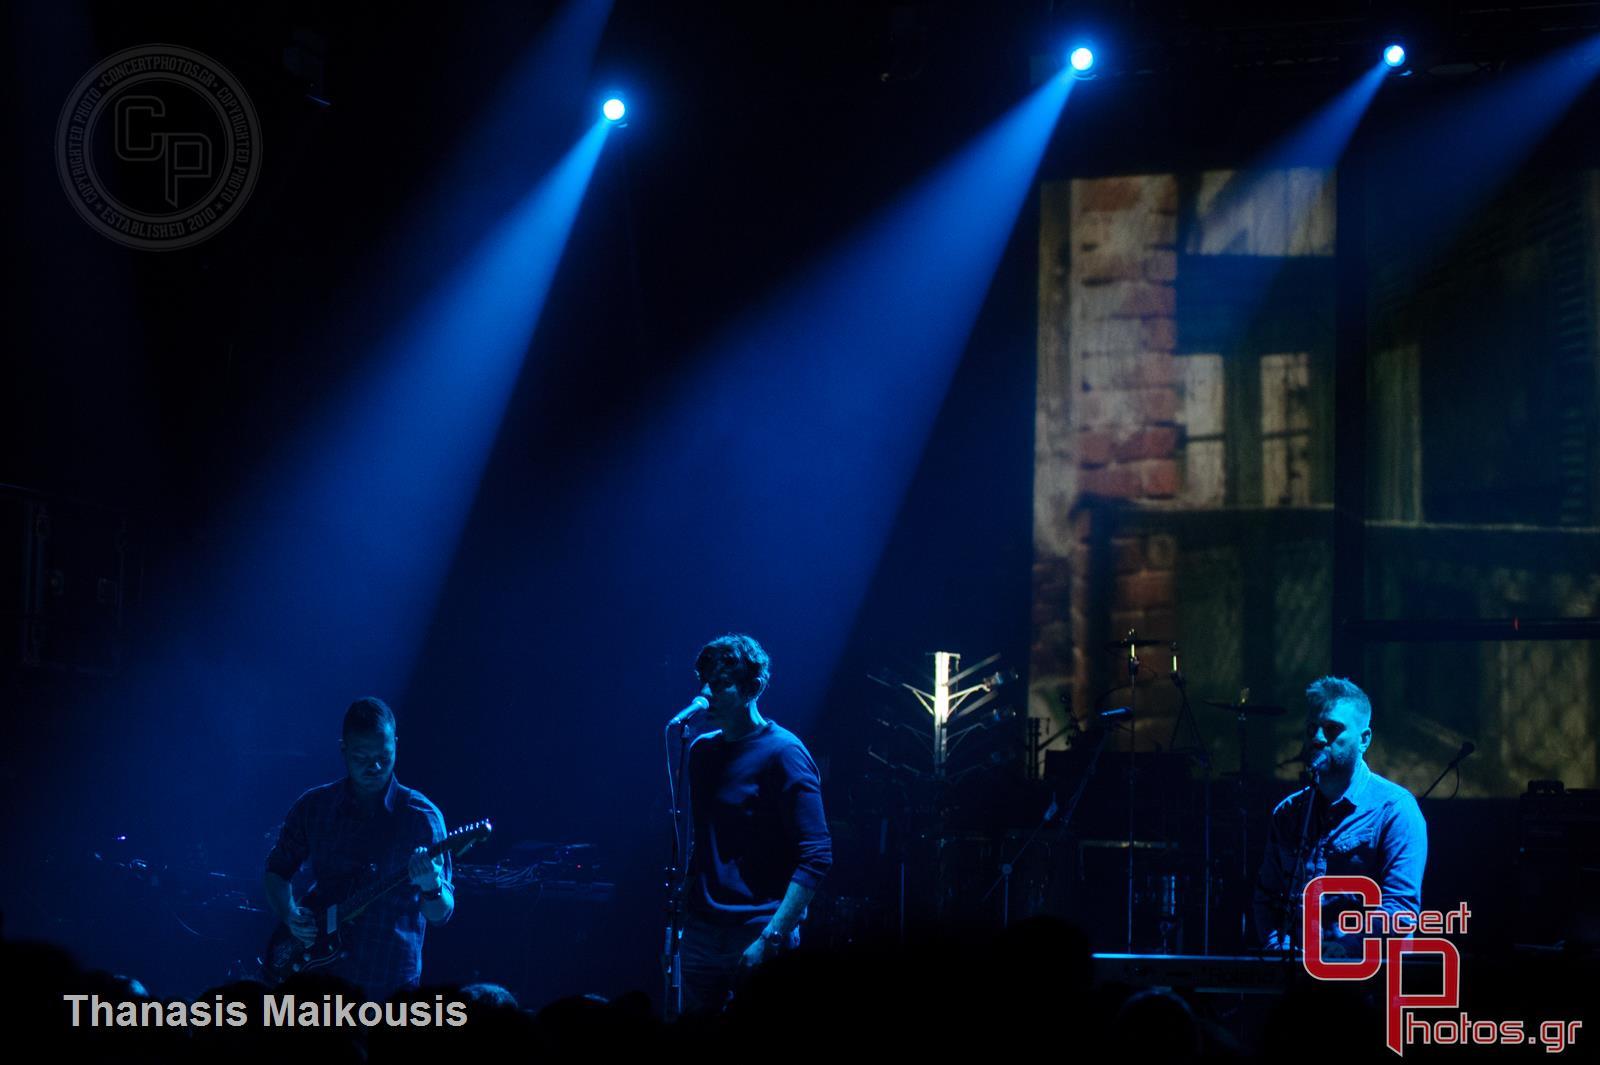 Sebastien Telier & Liebe-Sebastien Telier Liebe photographer: Thanasis Maikousis - concertphotos_20141107_22_53_46-2